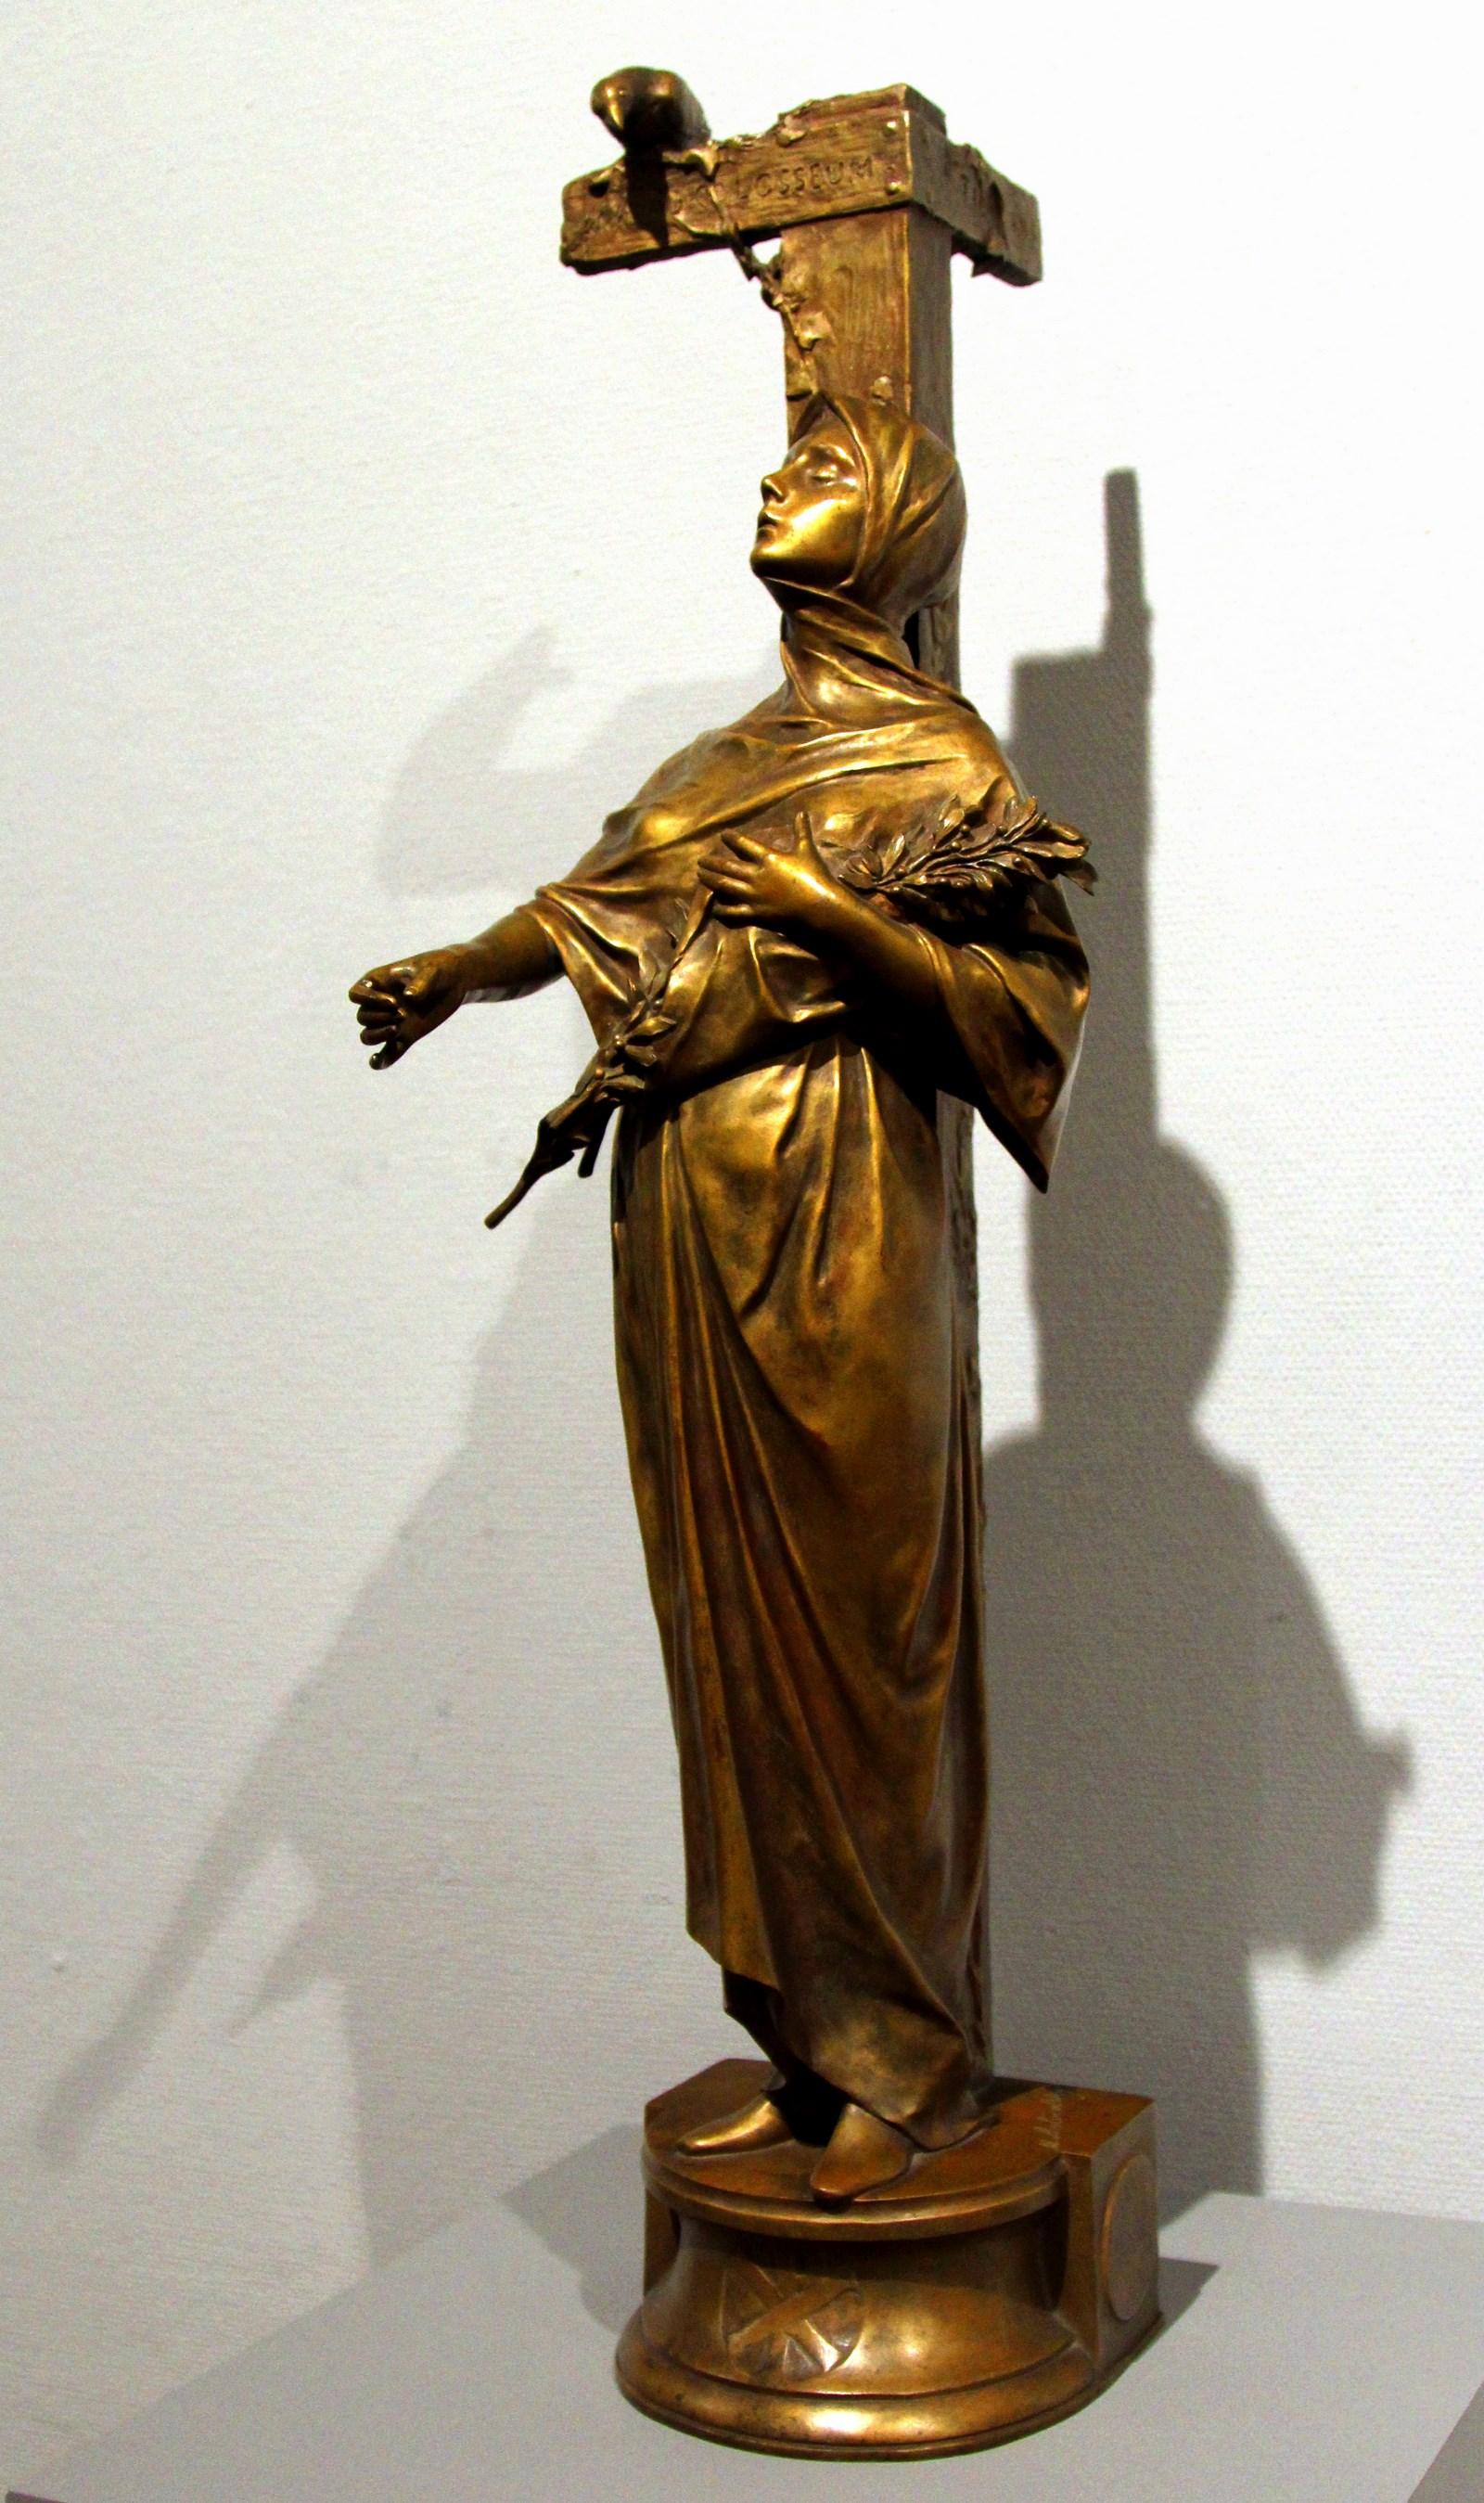 Антокольский М.М. 1843-1902 Девушка, идущая в Колизей. На перепутье Бронза. Национальный художественный музей Республики Беларусь